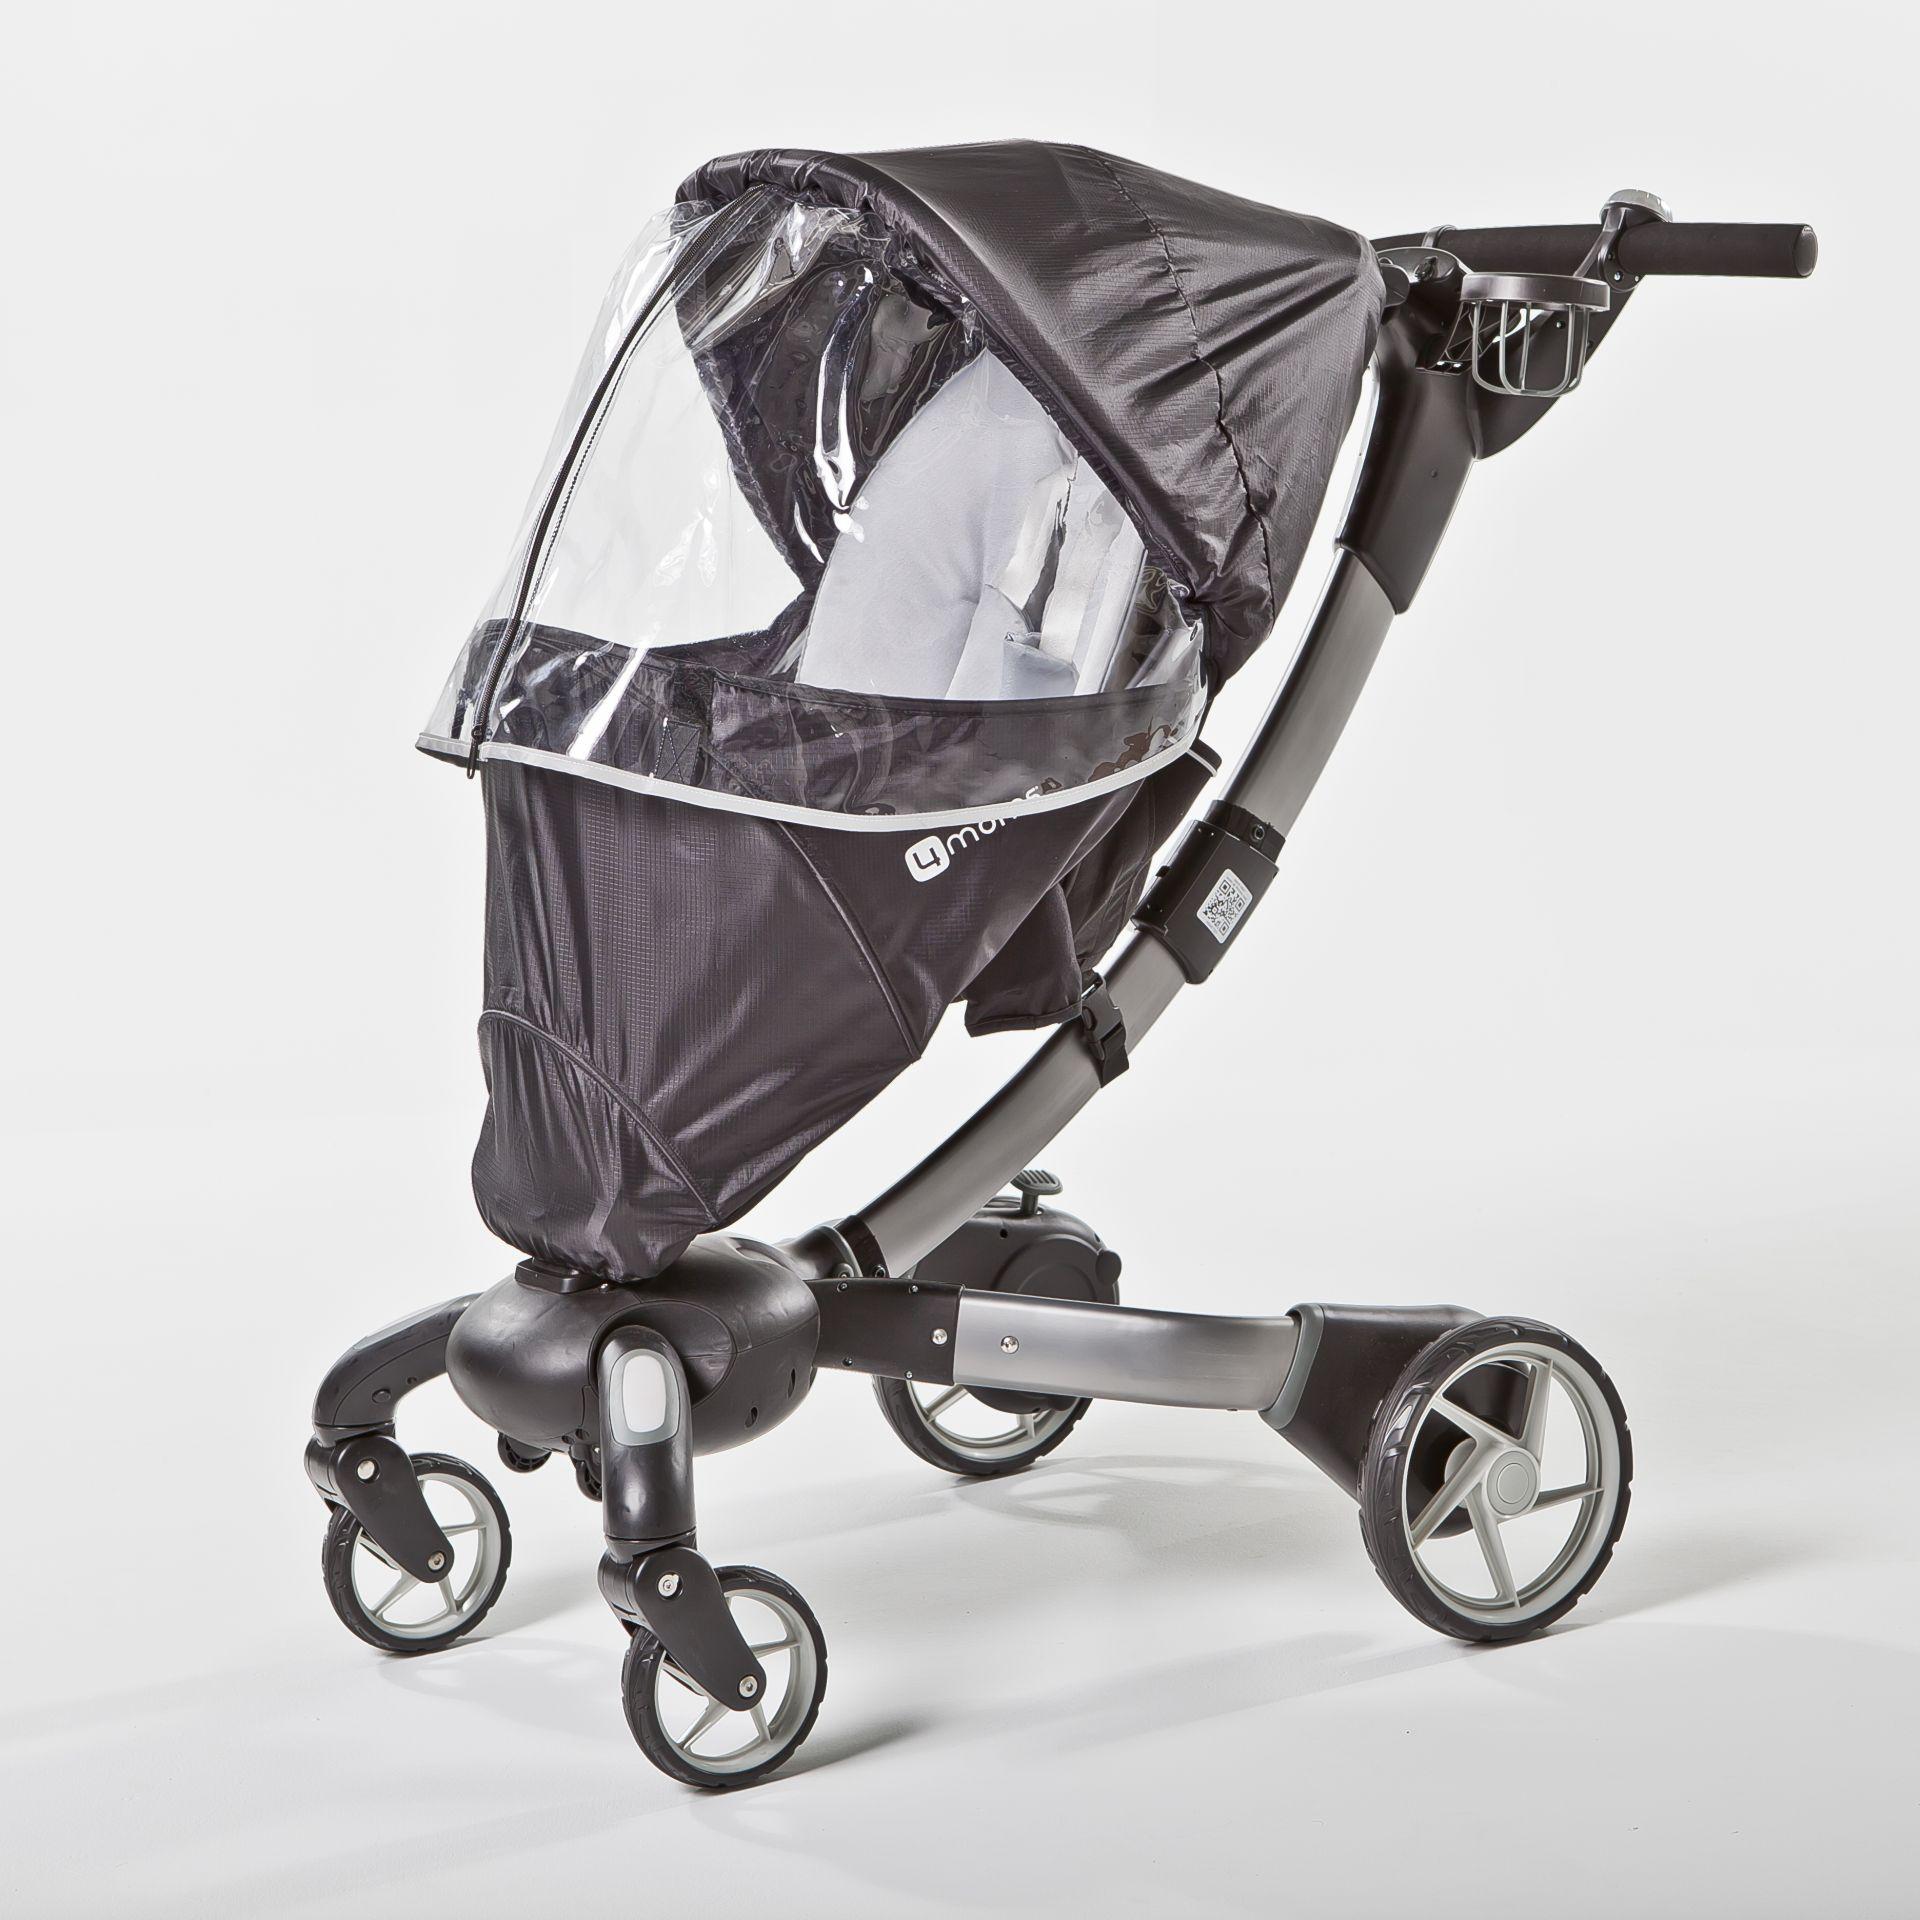 4moms Origami Stroller Price